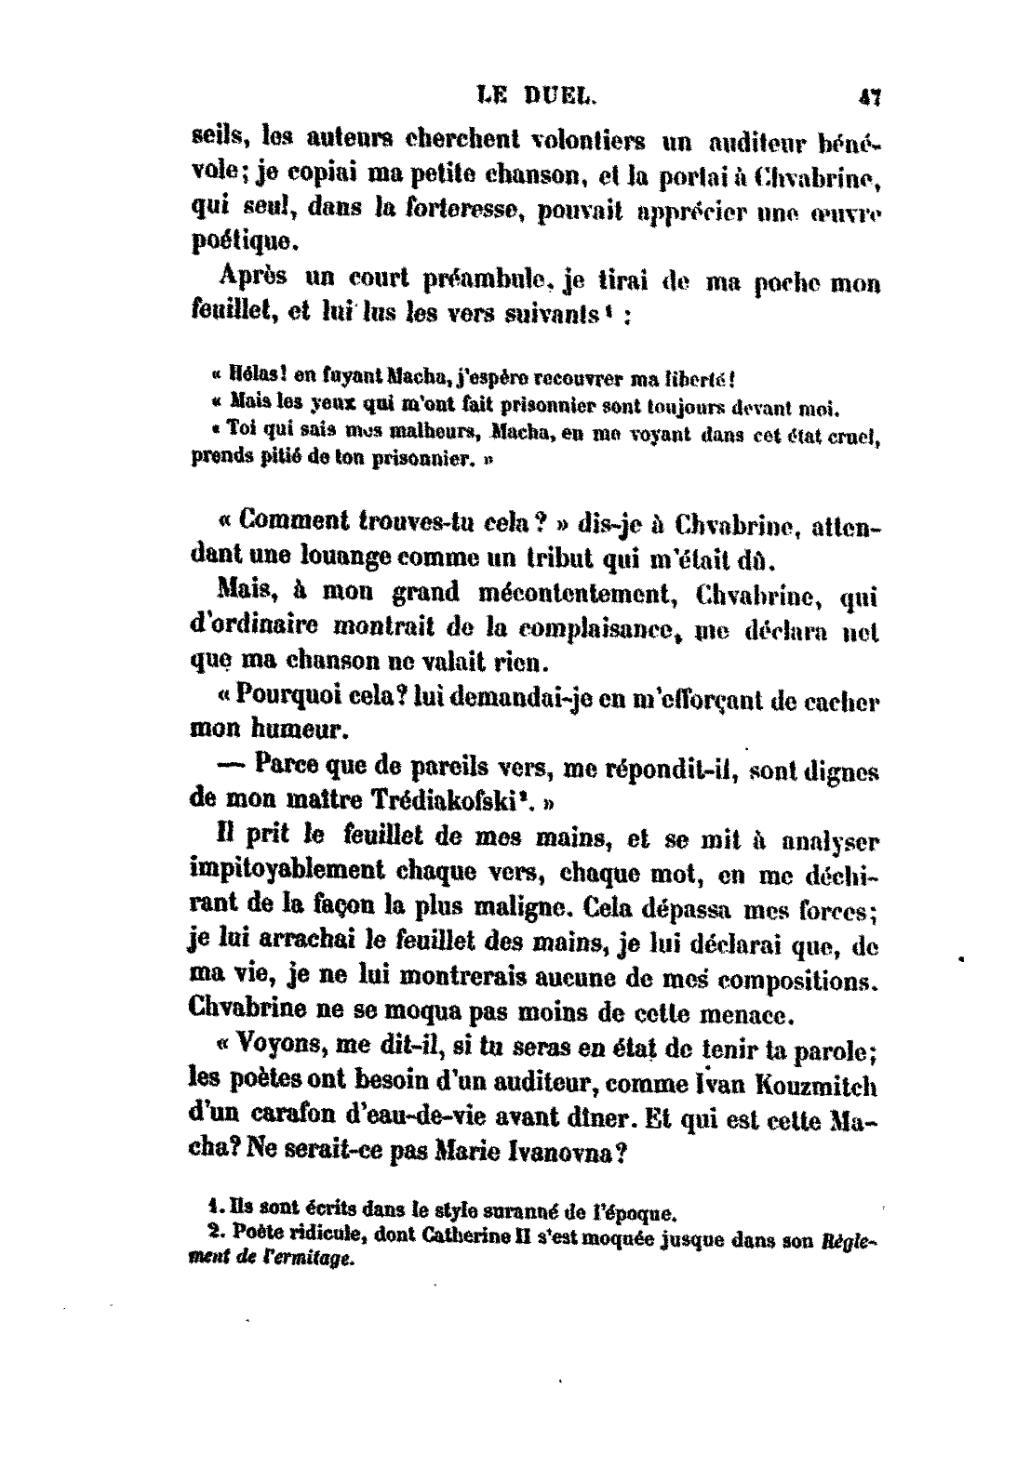 Pagepouchkine La Fille Du Capitaine 1901djvu49 Wikisource